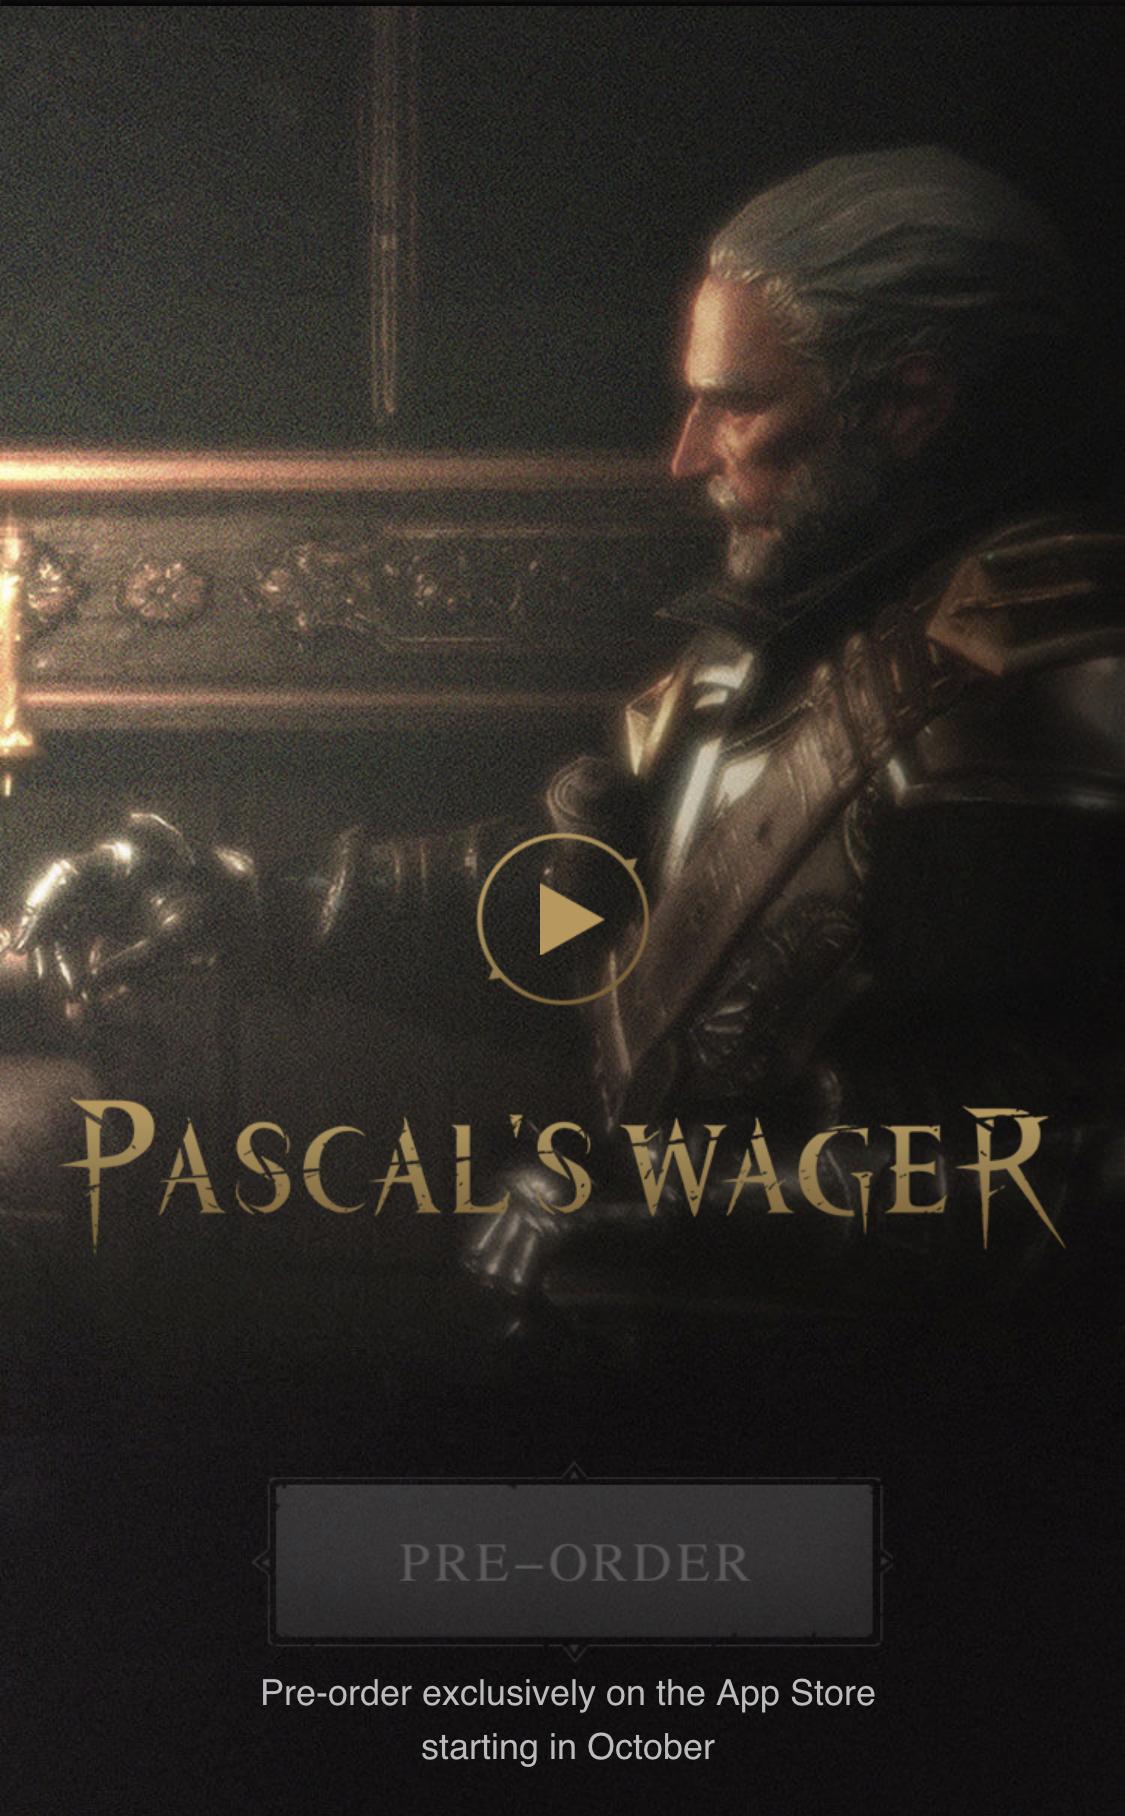 黑暗幻想动作RPG手游《帕斯卡契约》官网截图